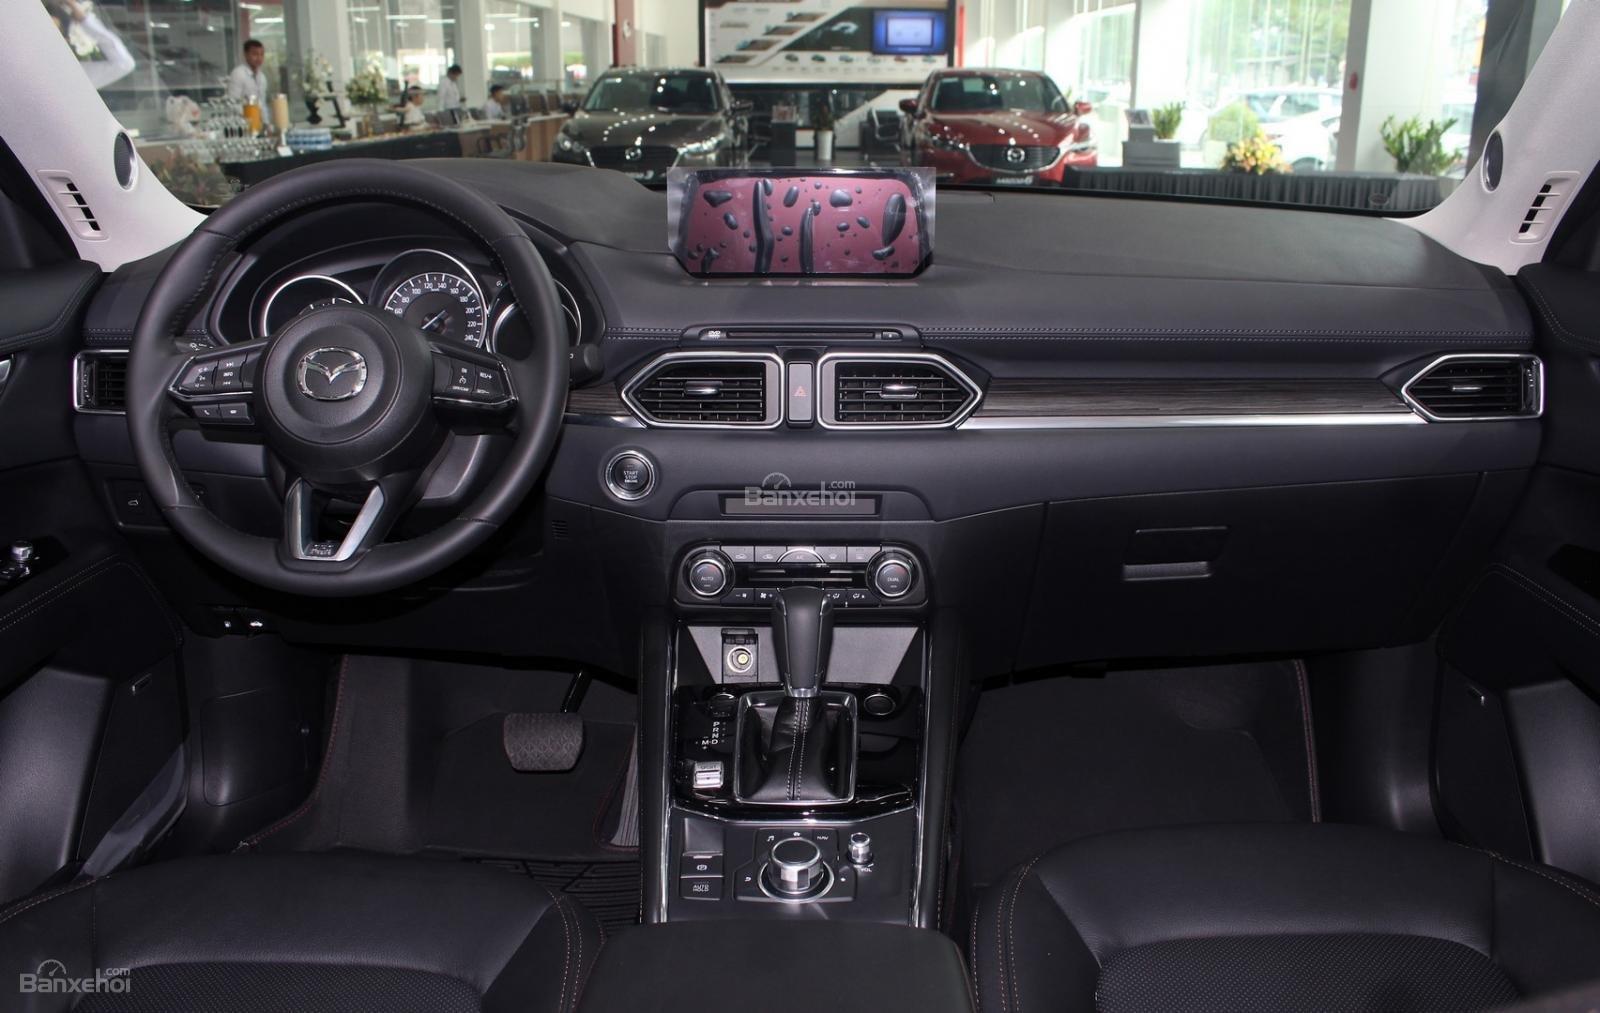 [Mazda Bình Triệu] mua Mazda CX-5 chỉ với 278 triệu, hỗ trợ vay trả góp lên đến 85%-3